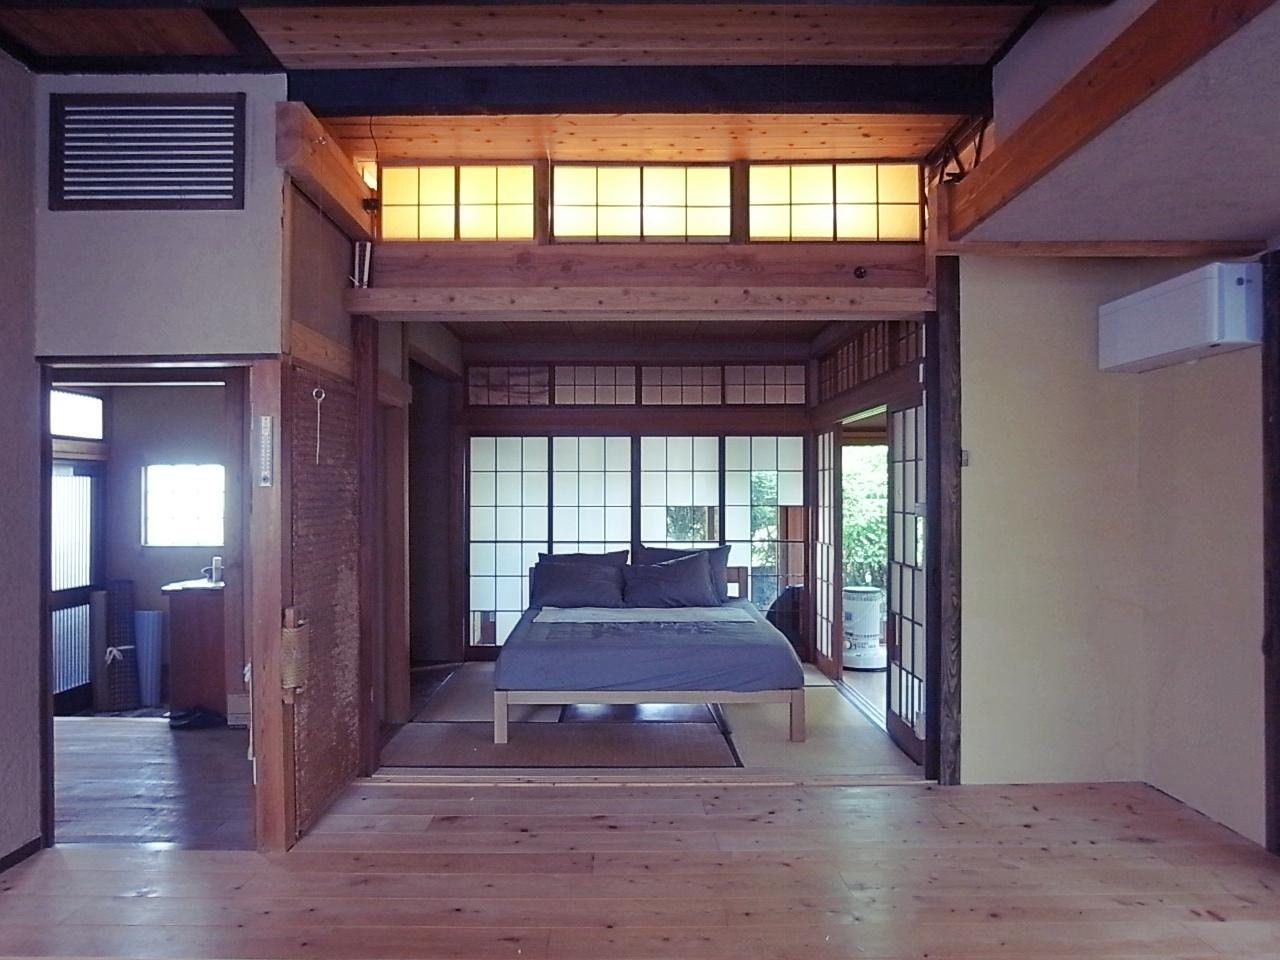 LD脇の和室。元は茶室だったっぽい雰囲気。